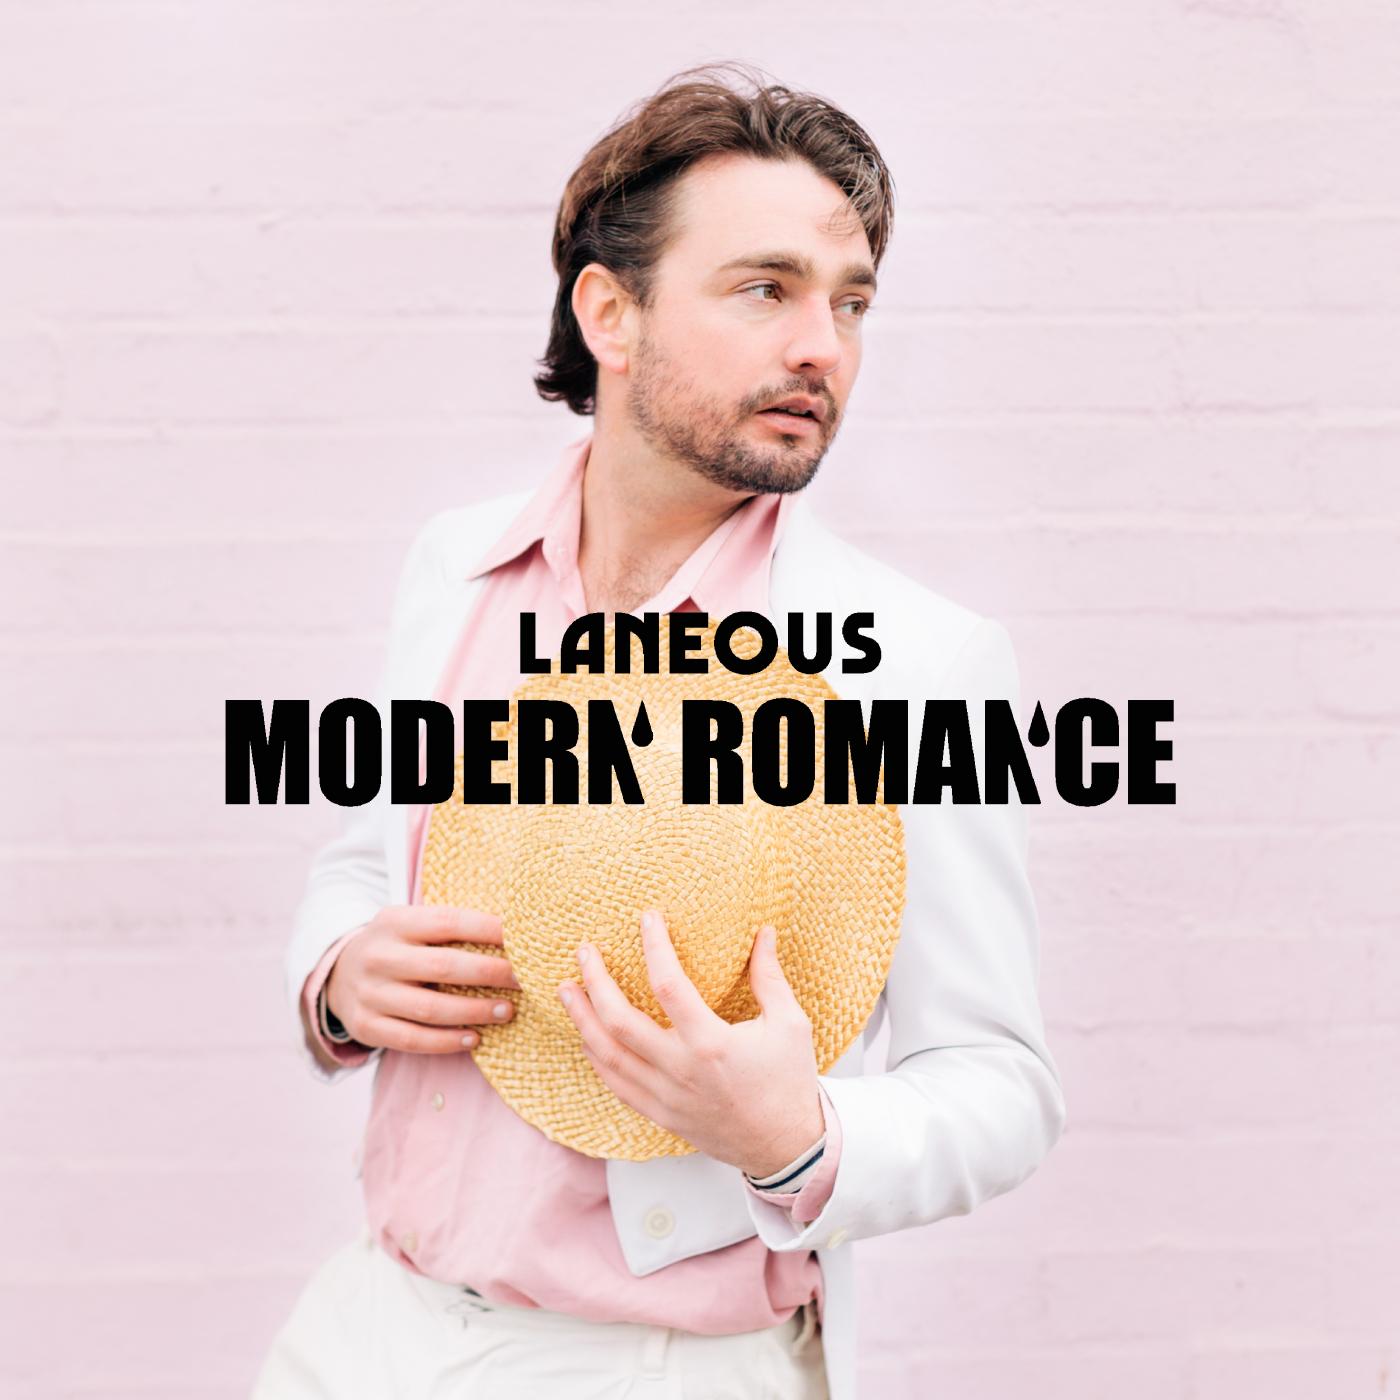 Modern Romance - Single Laneous